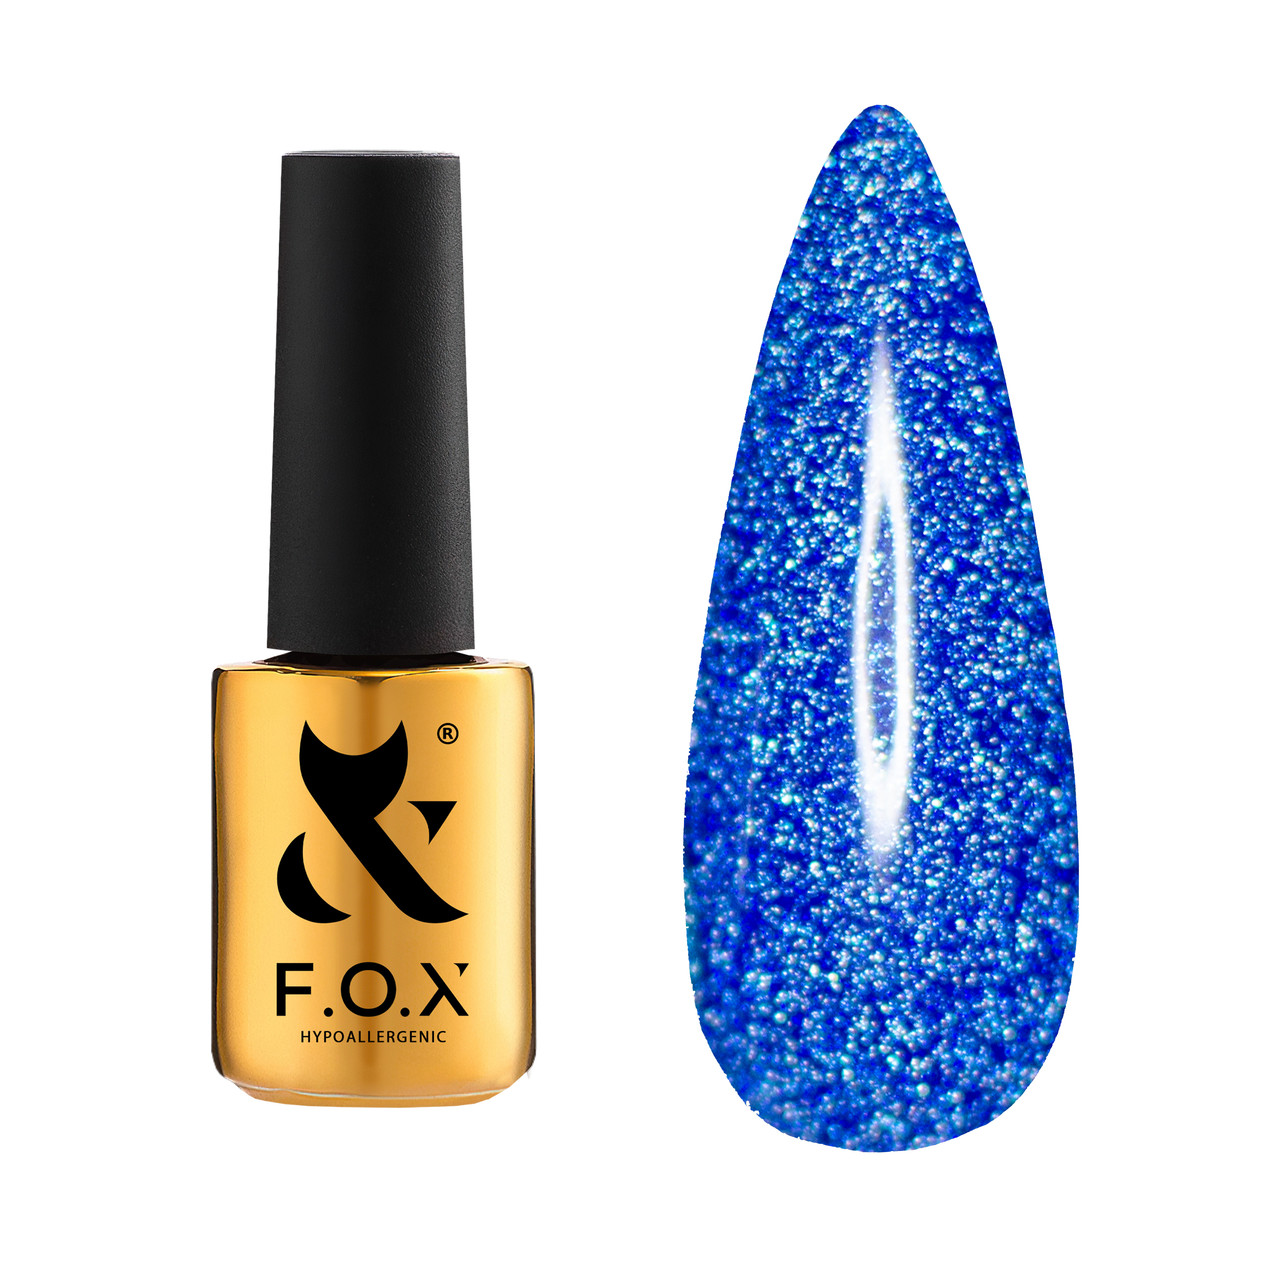 Гель-лак для нігтів F.O.X Flash 6 мл, № 011